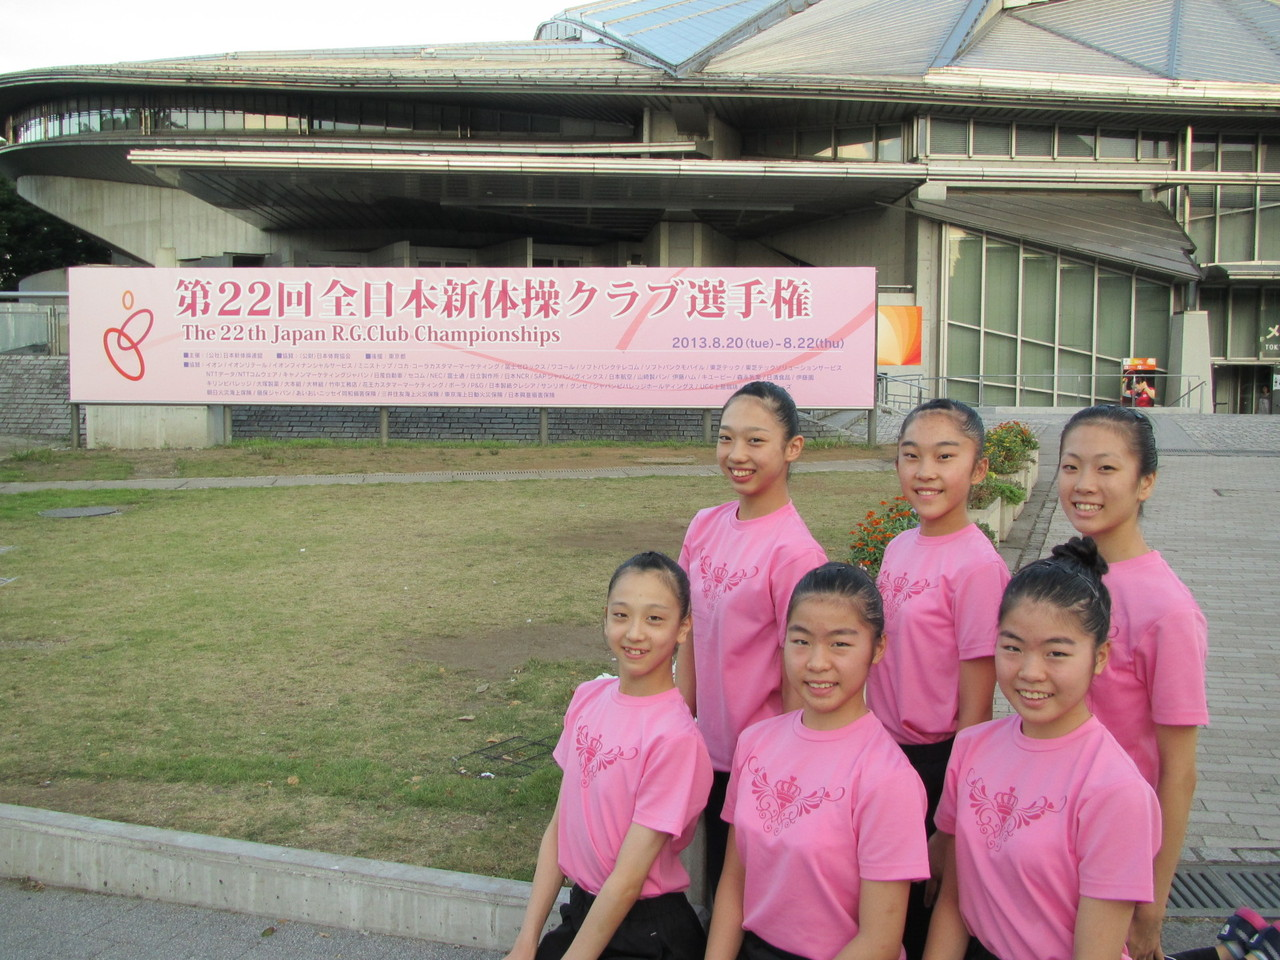 東京体育館の前でパチリ!